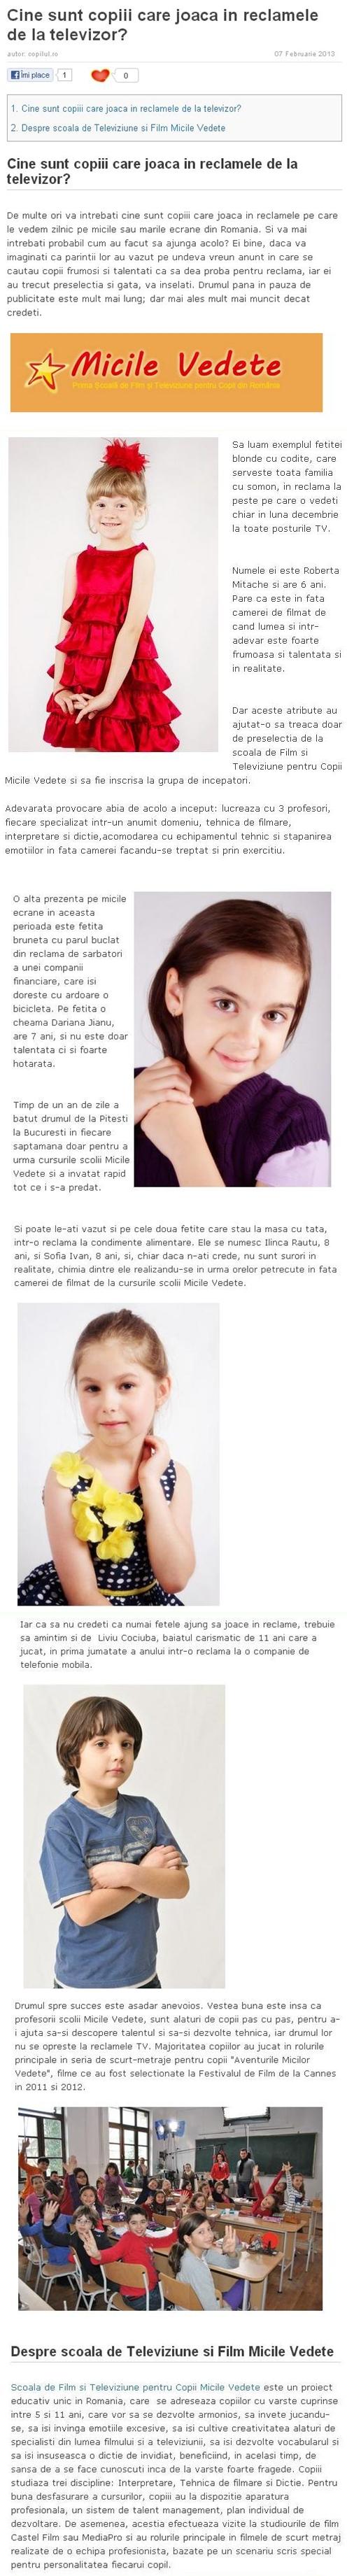 Articol Copilul.ro